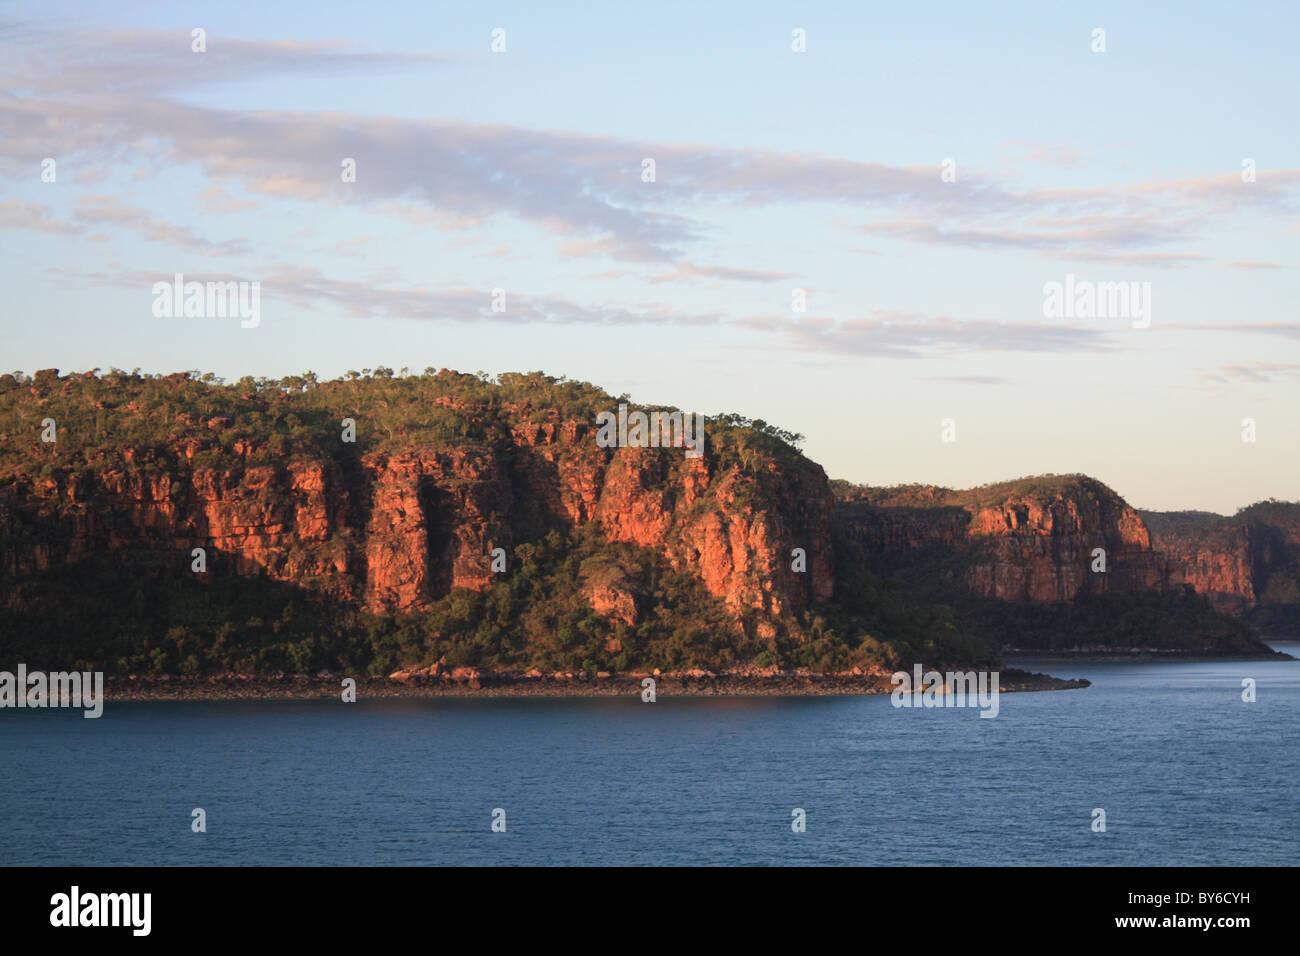 Kimberly Coastal Cliffs Stock Photo